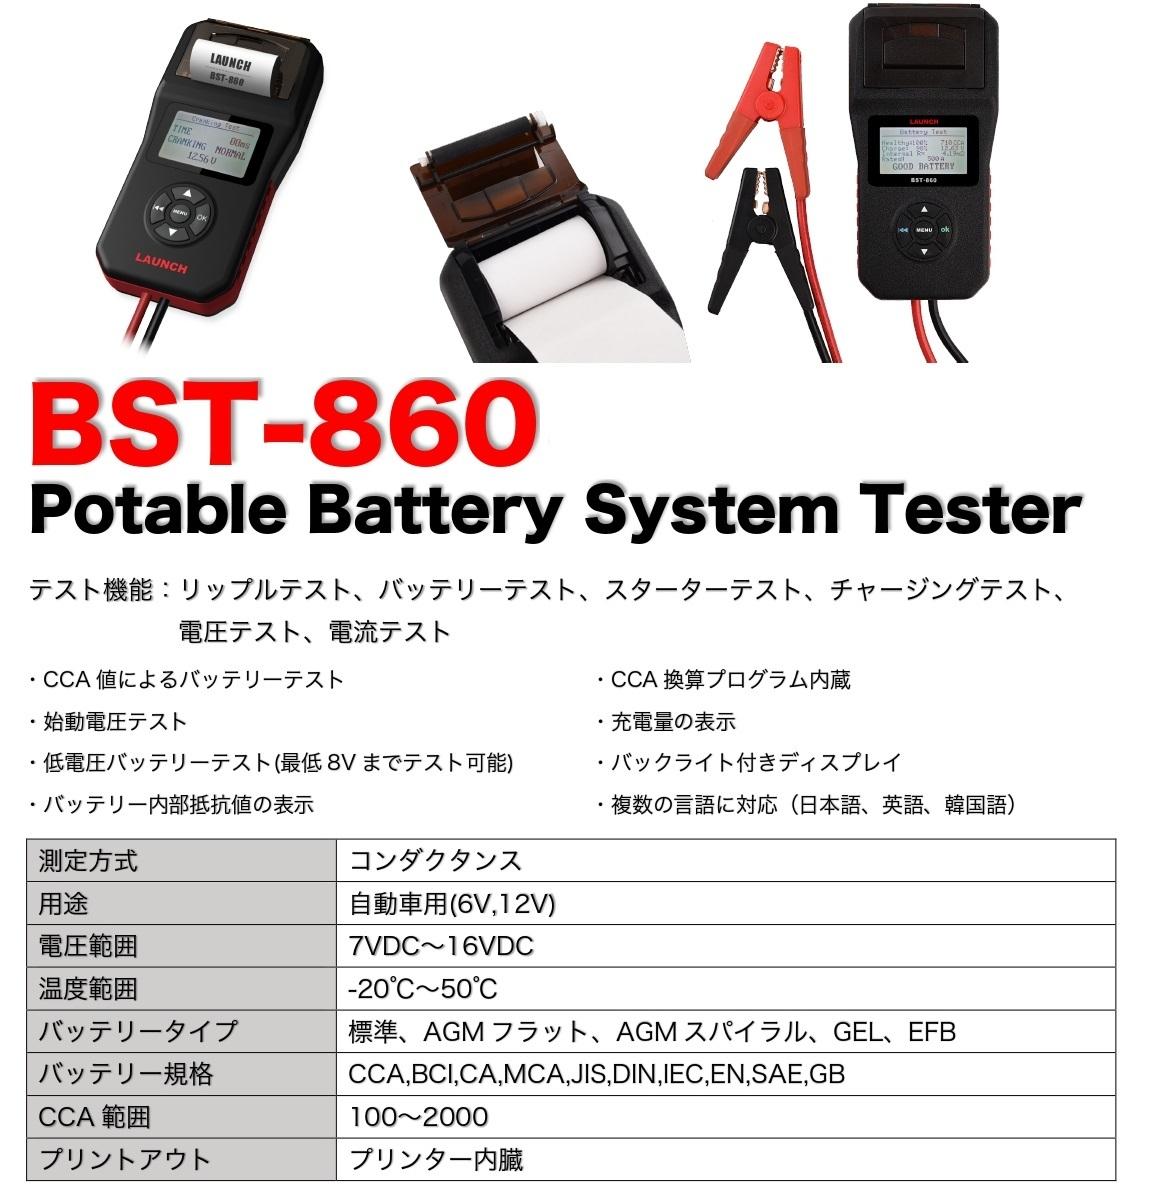 【正規輸入品】LAUNCH BST-860 - バッテリーテスター 6V&12V プリンター内蔵 日本語表示 CCA換算プログラム内蔵 LCDディスプレイ_画像5